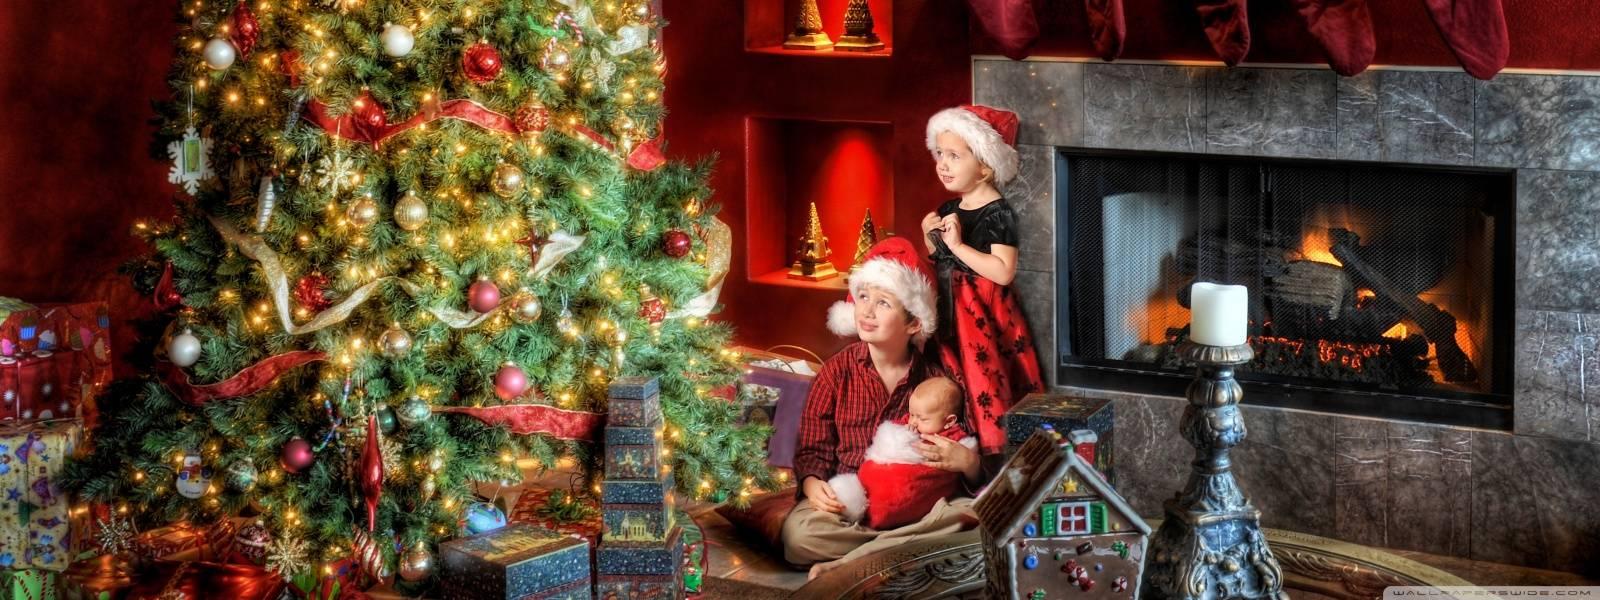 Wir wünschen all unseren Kunden eine besinnliche Adventszeit